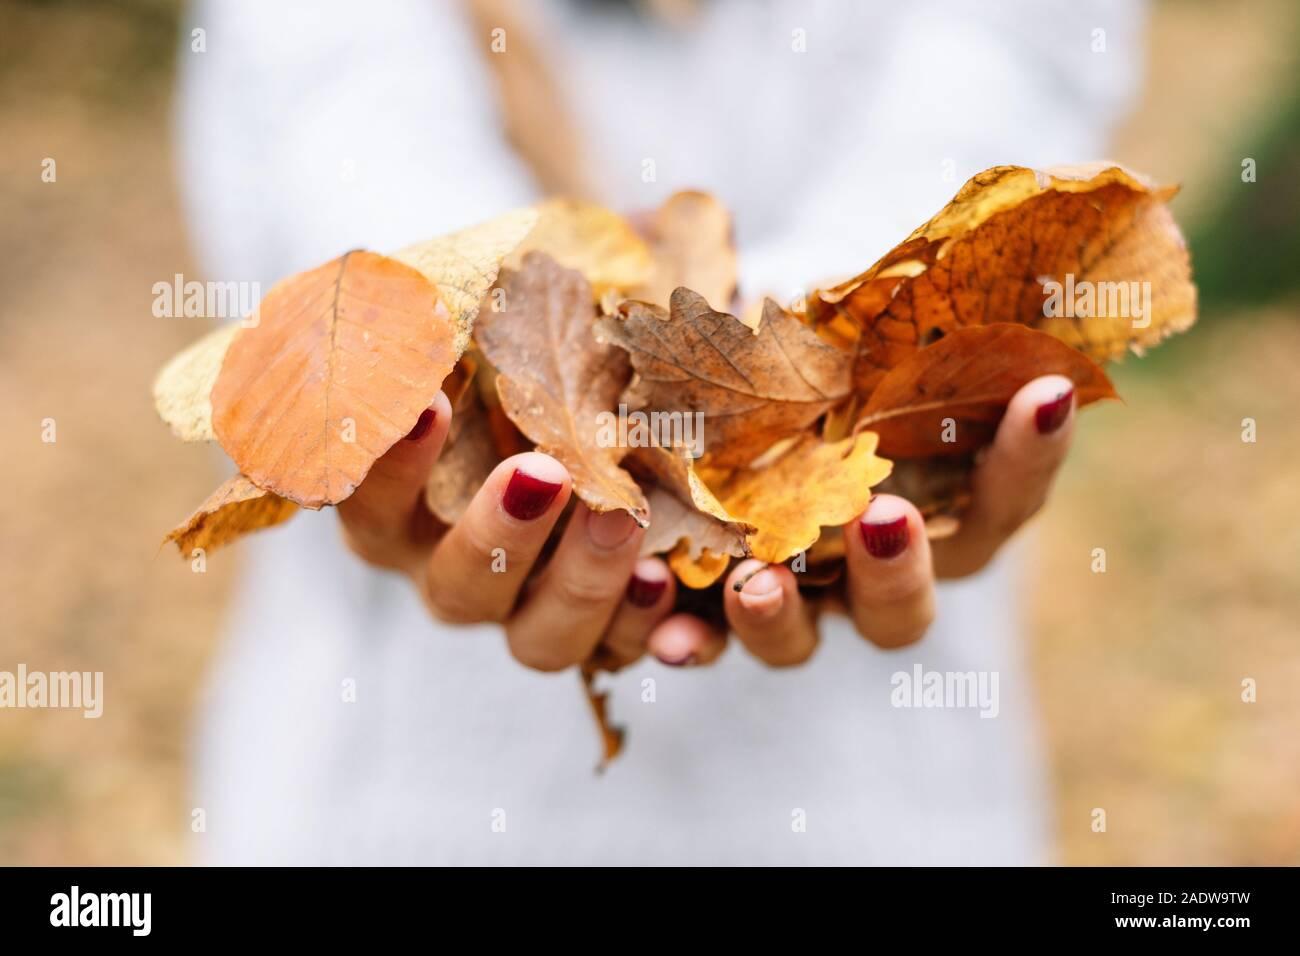 Cerrar, Mujer manos sosteniendo hojas de color naranja en el parque en otoño . Foto de stock